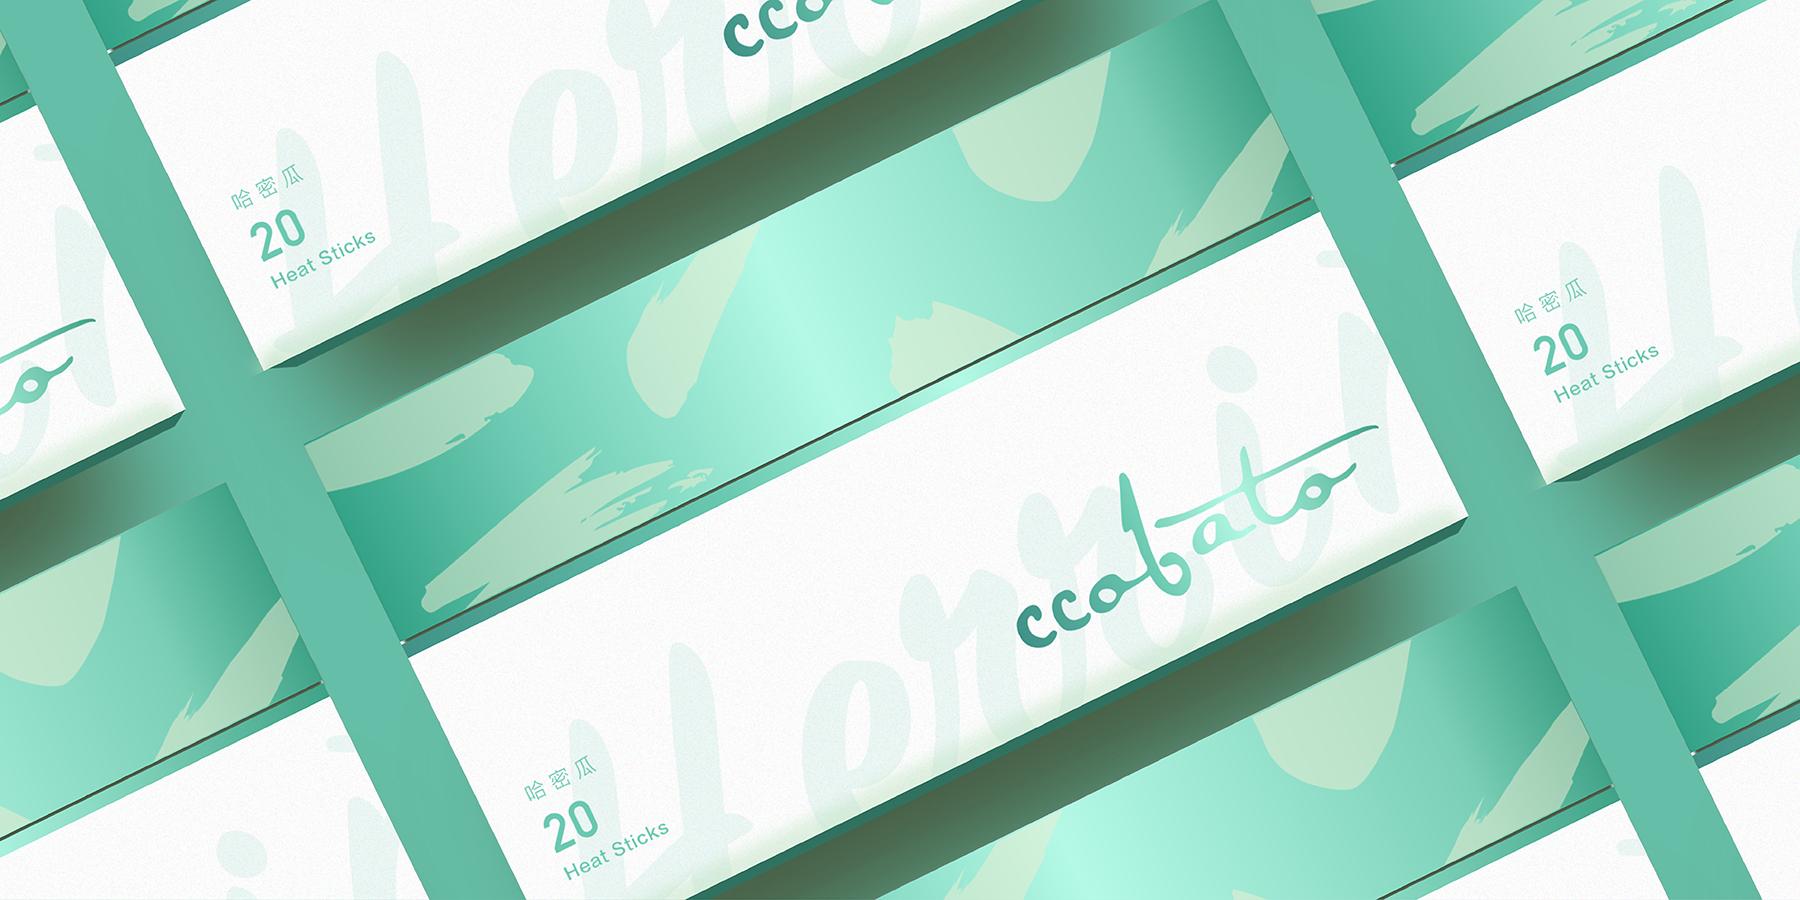 科巴特电子烟-包装设计-与山品牌设计